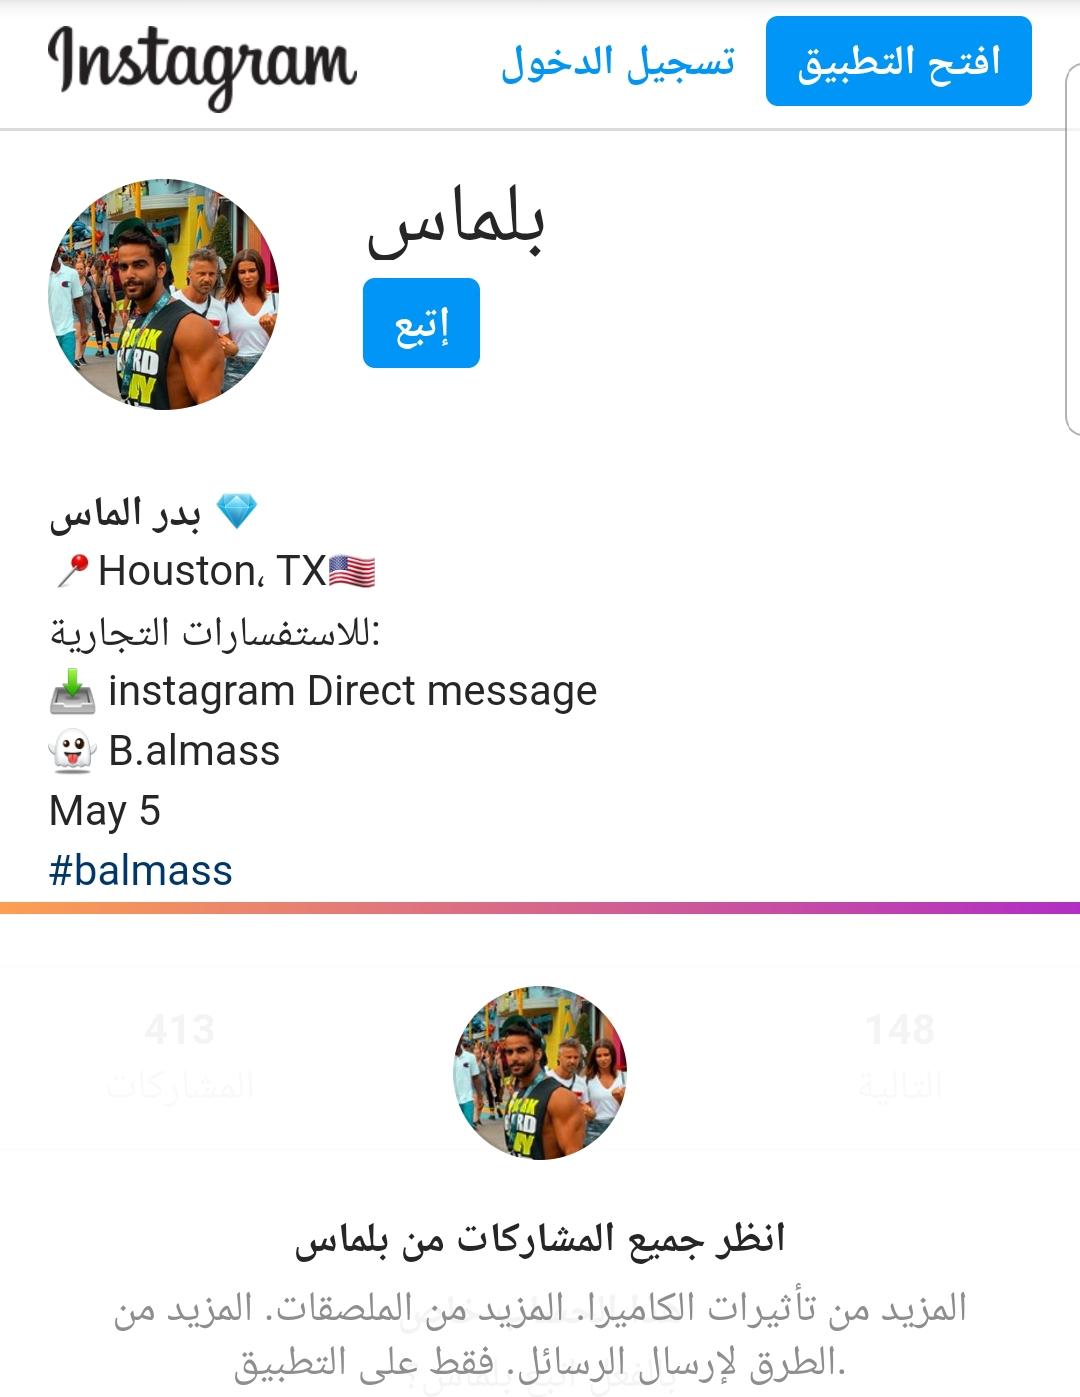 سناب بدر الماس زوج شوق الهادي الموقع المثالي